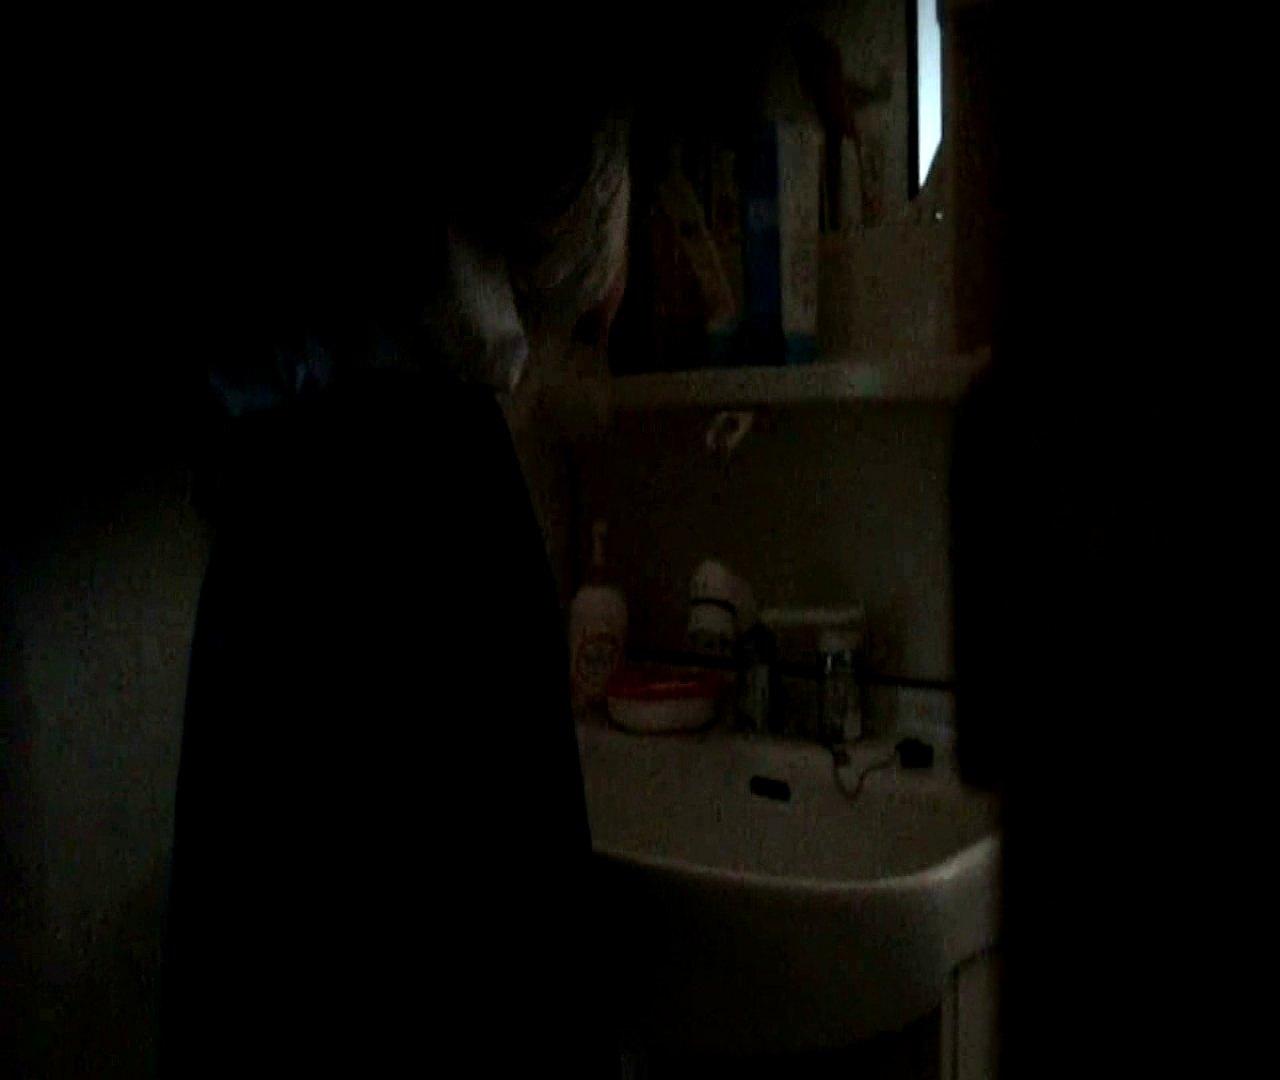 二人とも育てた甲斐がありました… vol.05 まどかが洗顔後にブラを洗濯 美しいOLの裸体  102pic 40